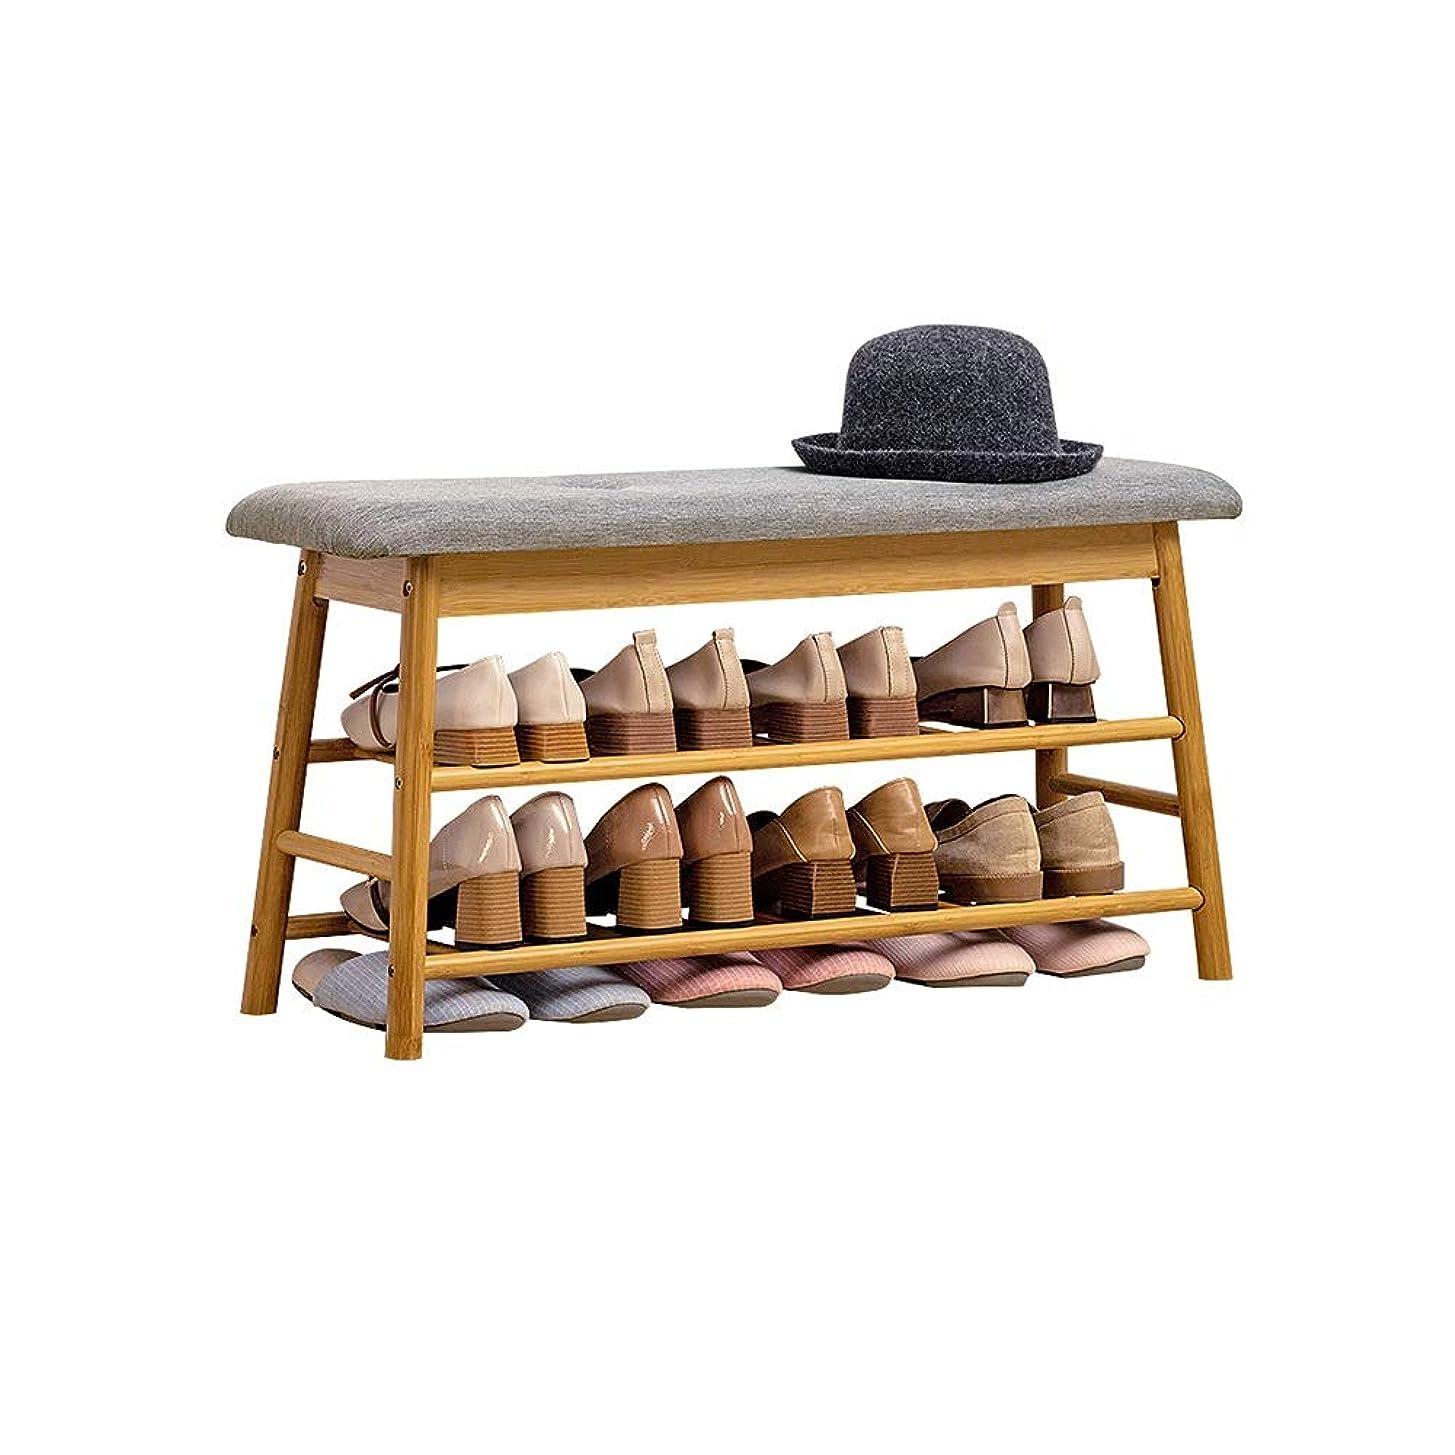 決定的司書構成員NAN liang 健康的な竹素材+コットンリネン靴キャビネット、2つのサイズで利用可能な多機能フリップストレージ靴キャビネット (Size : B)